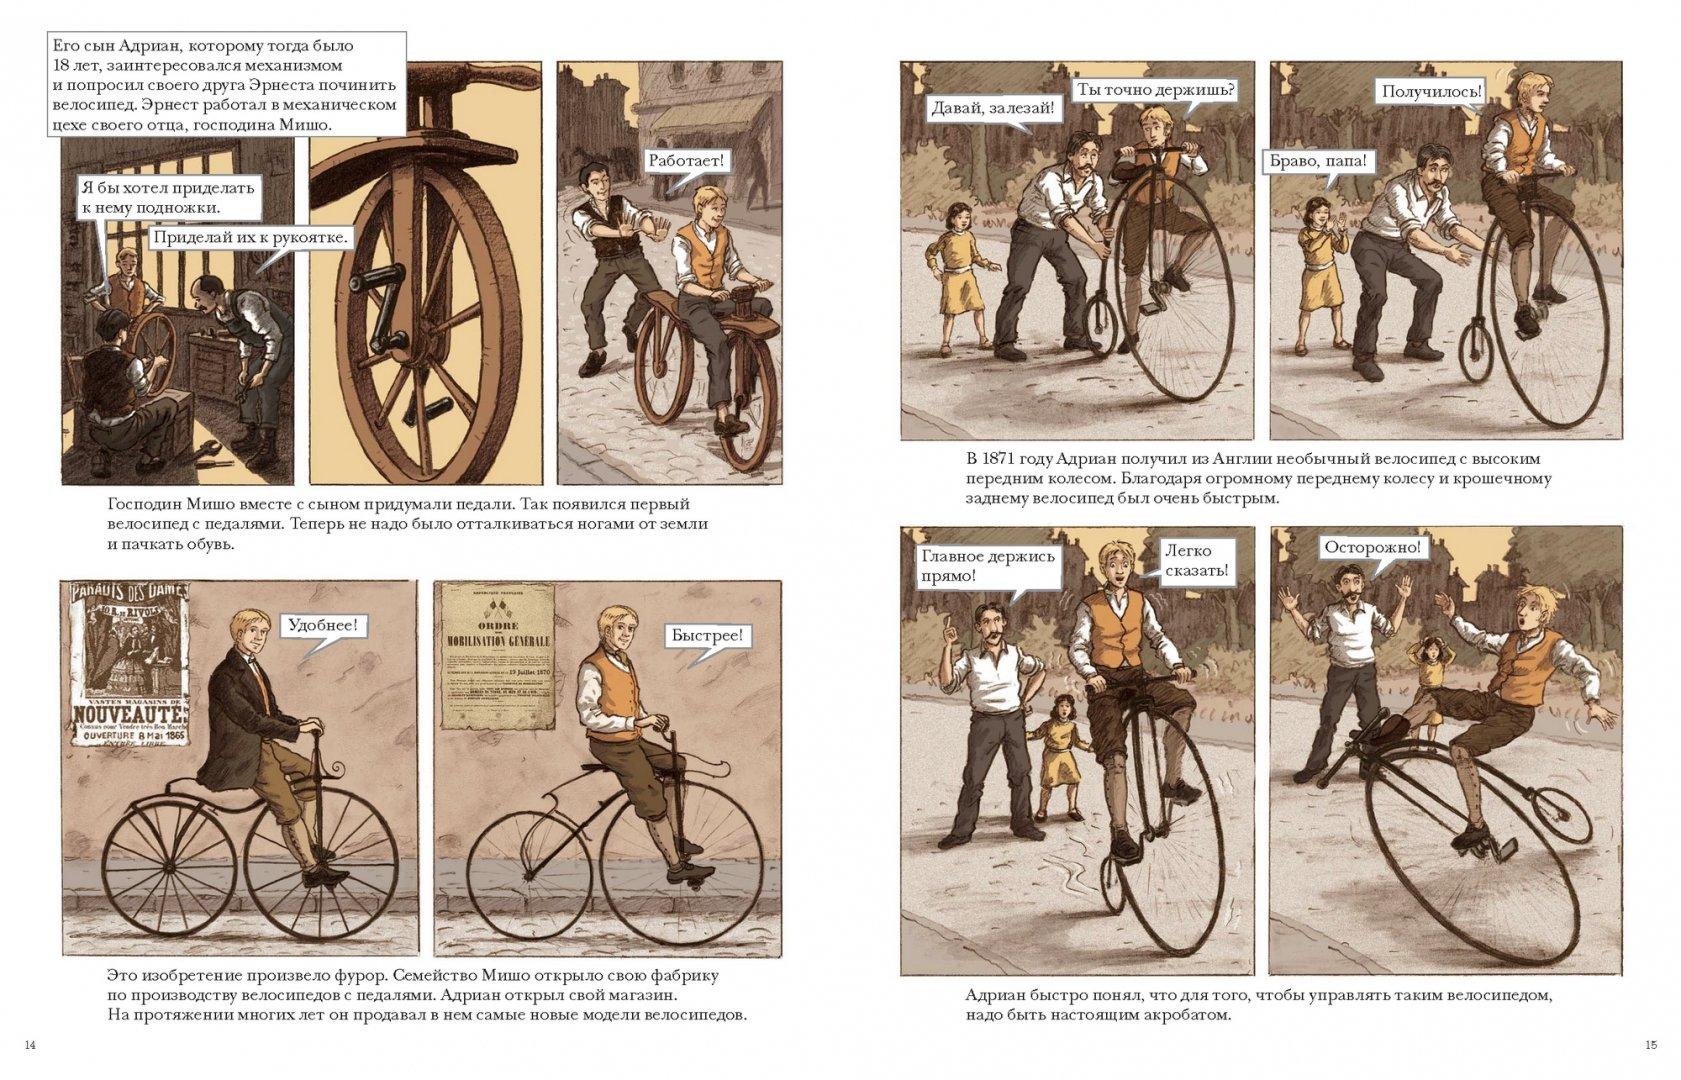 История создания и развития велосипеда